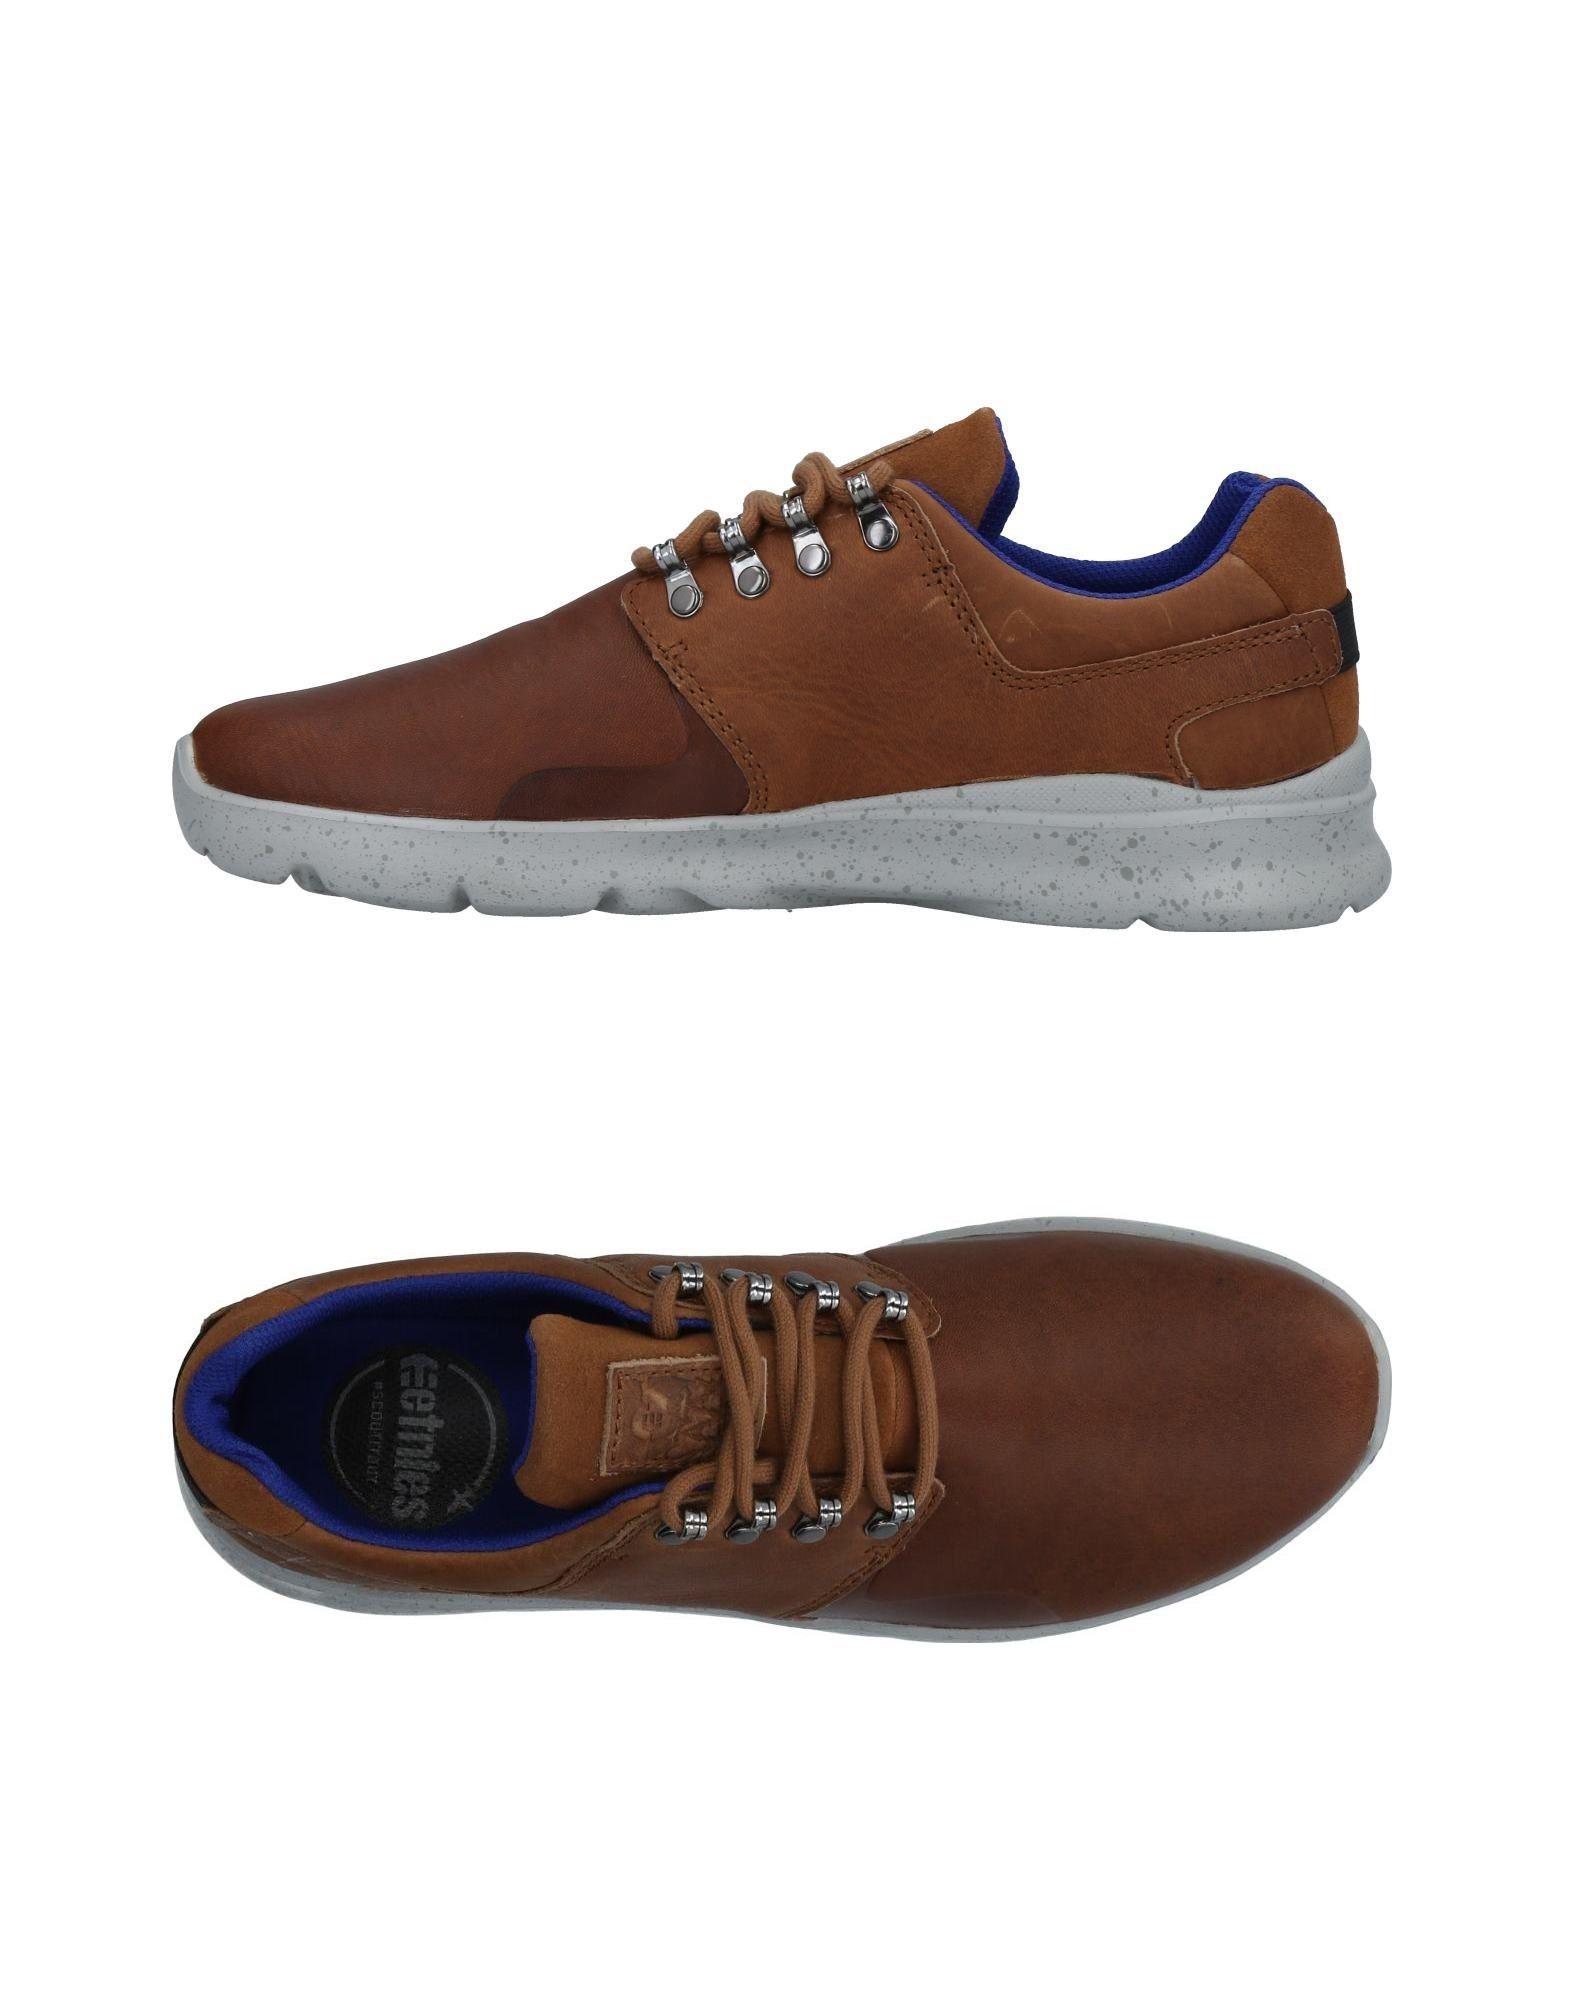 Sneakers Etnies Homme - Sneakers Etnies  Marron Nouvelles chaussures pour hommes et femmes, remise limitée dans le temps